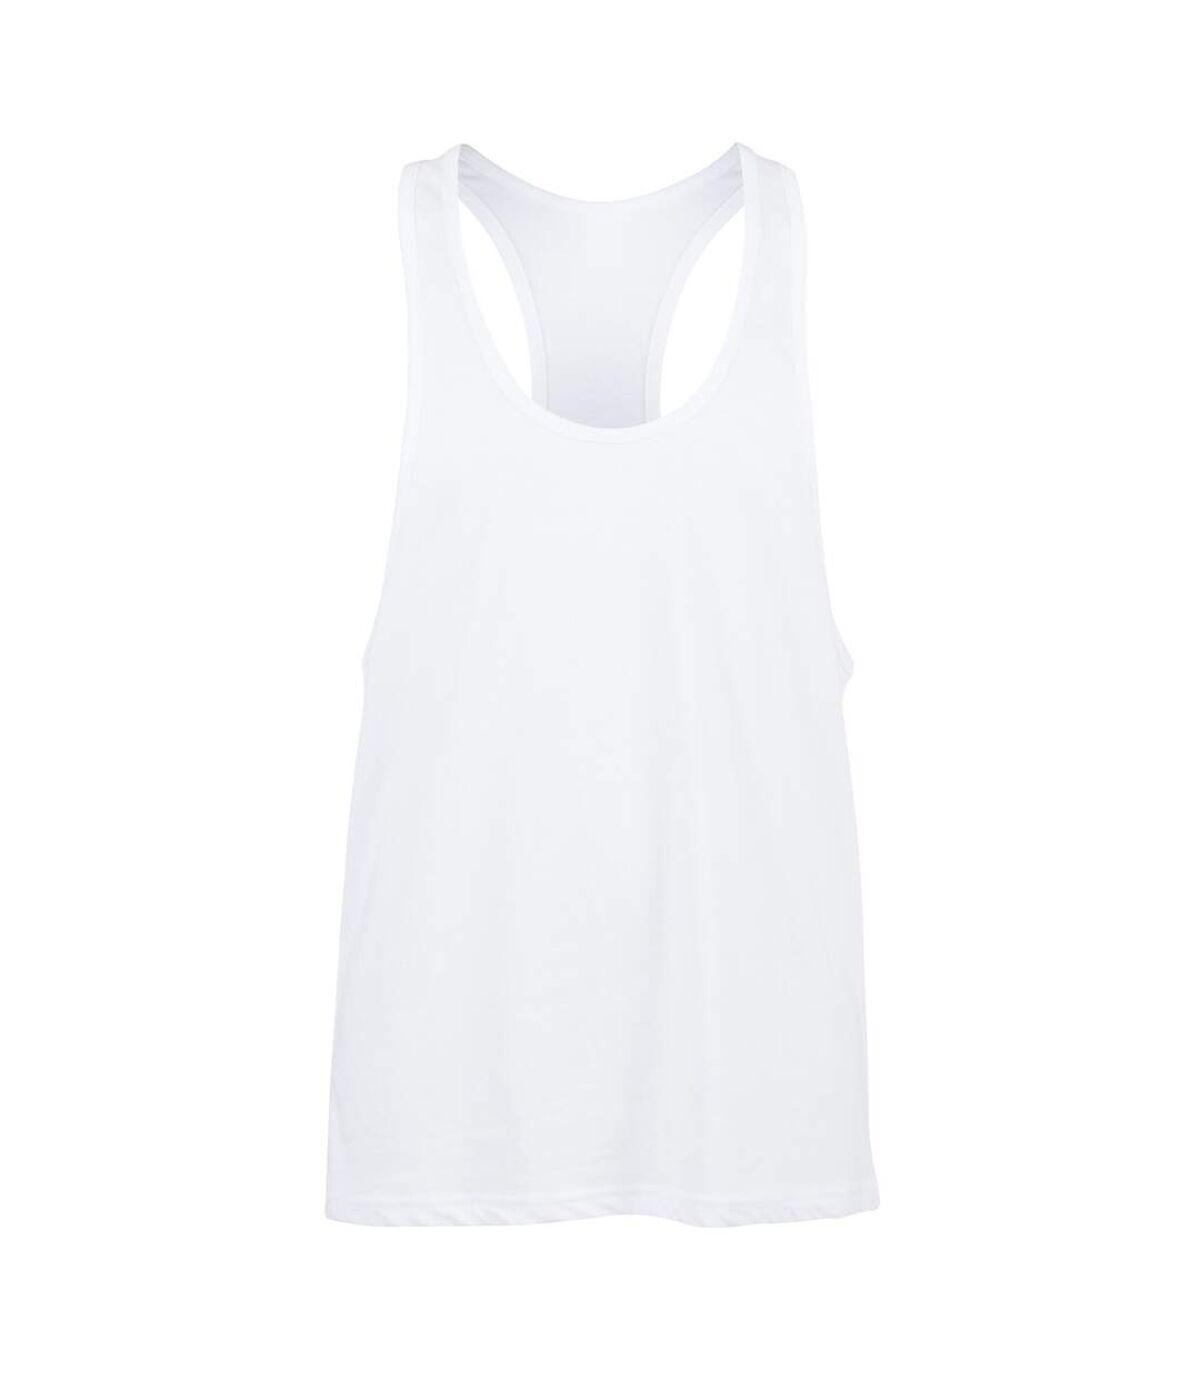 Skinnifit Mens Plain Sleeveless Muscle Vest (Black) - UTRW4741